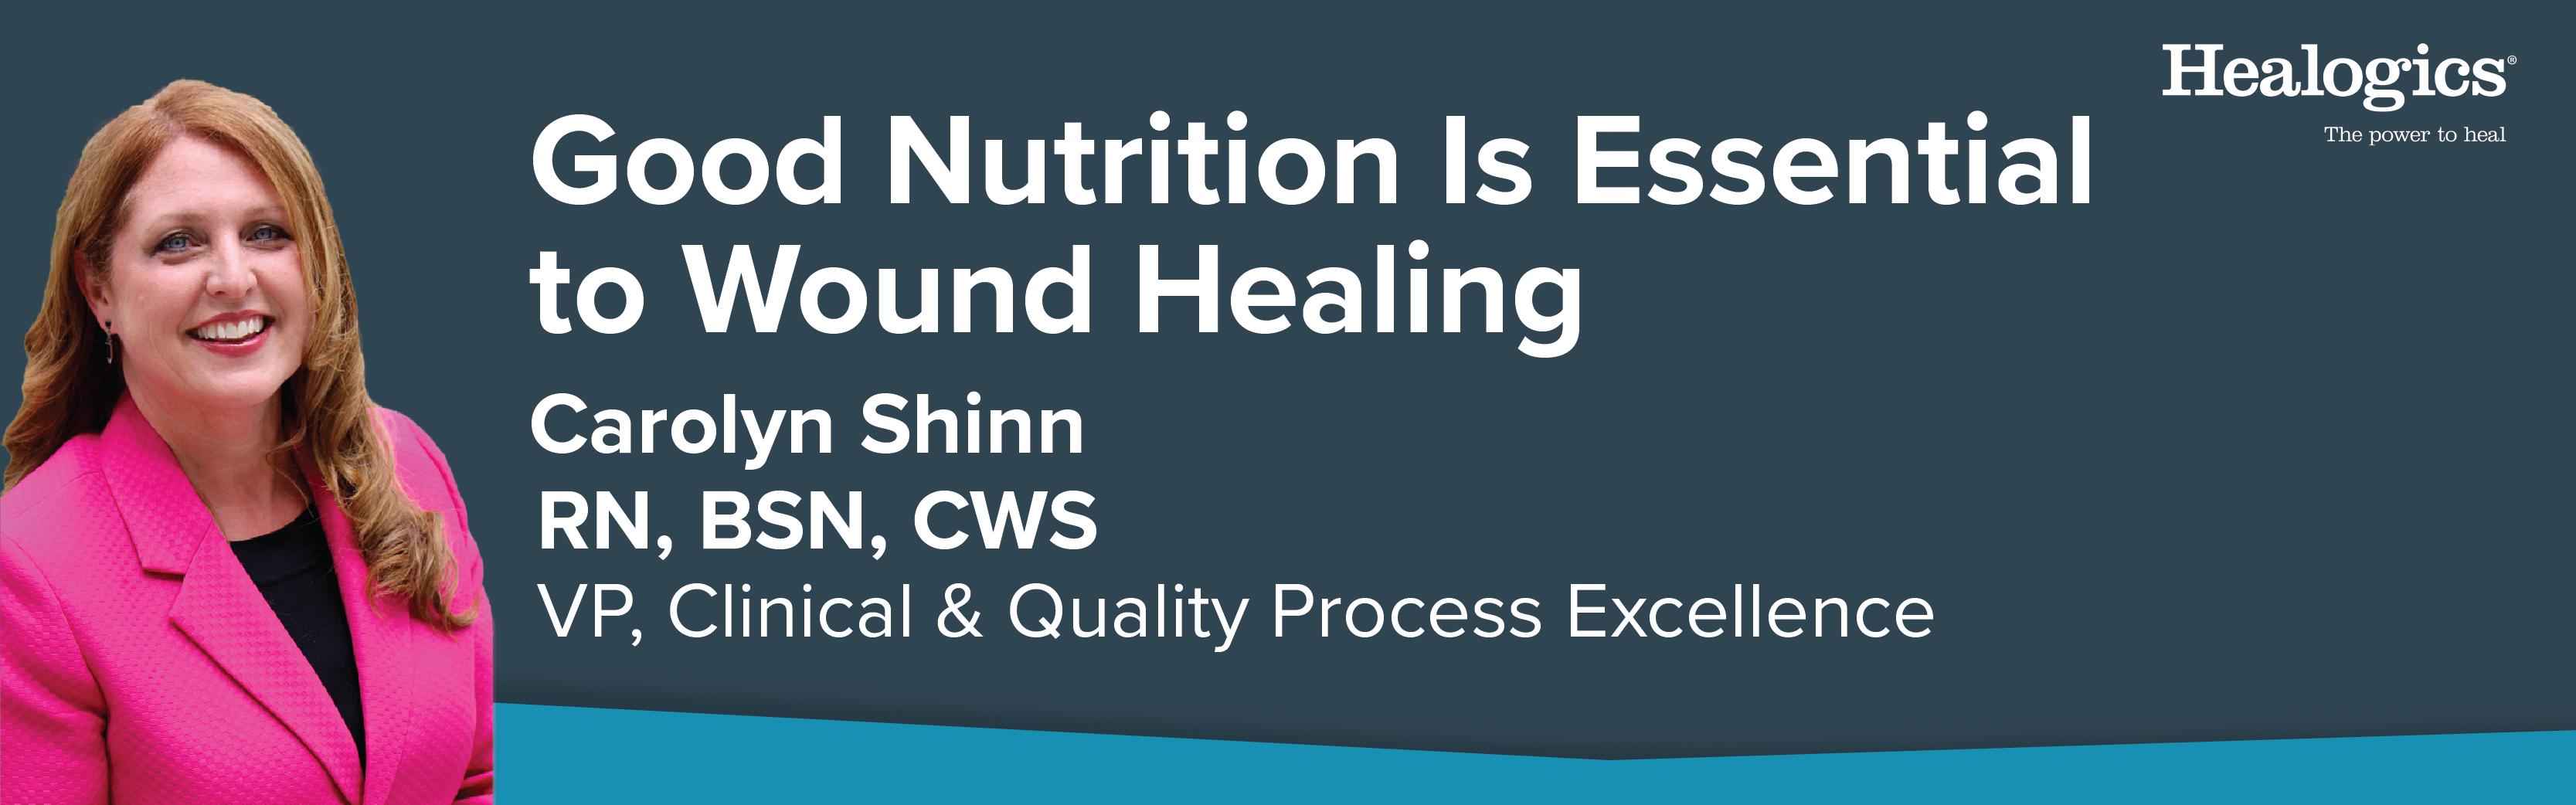 Carolynn Good Nutrition is Essential_Blog Banner